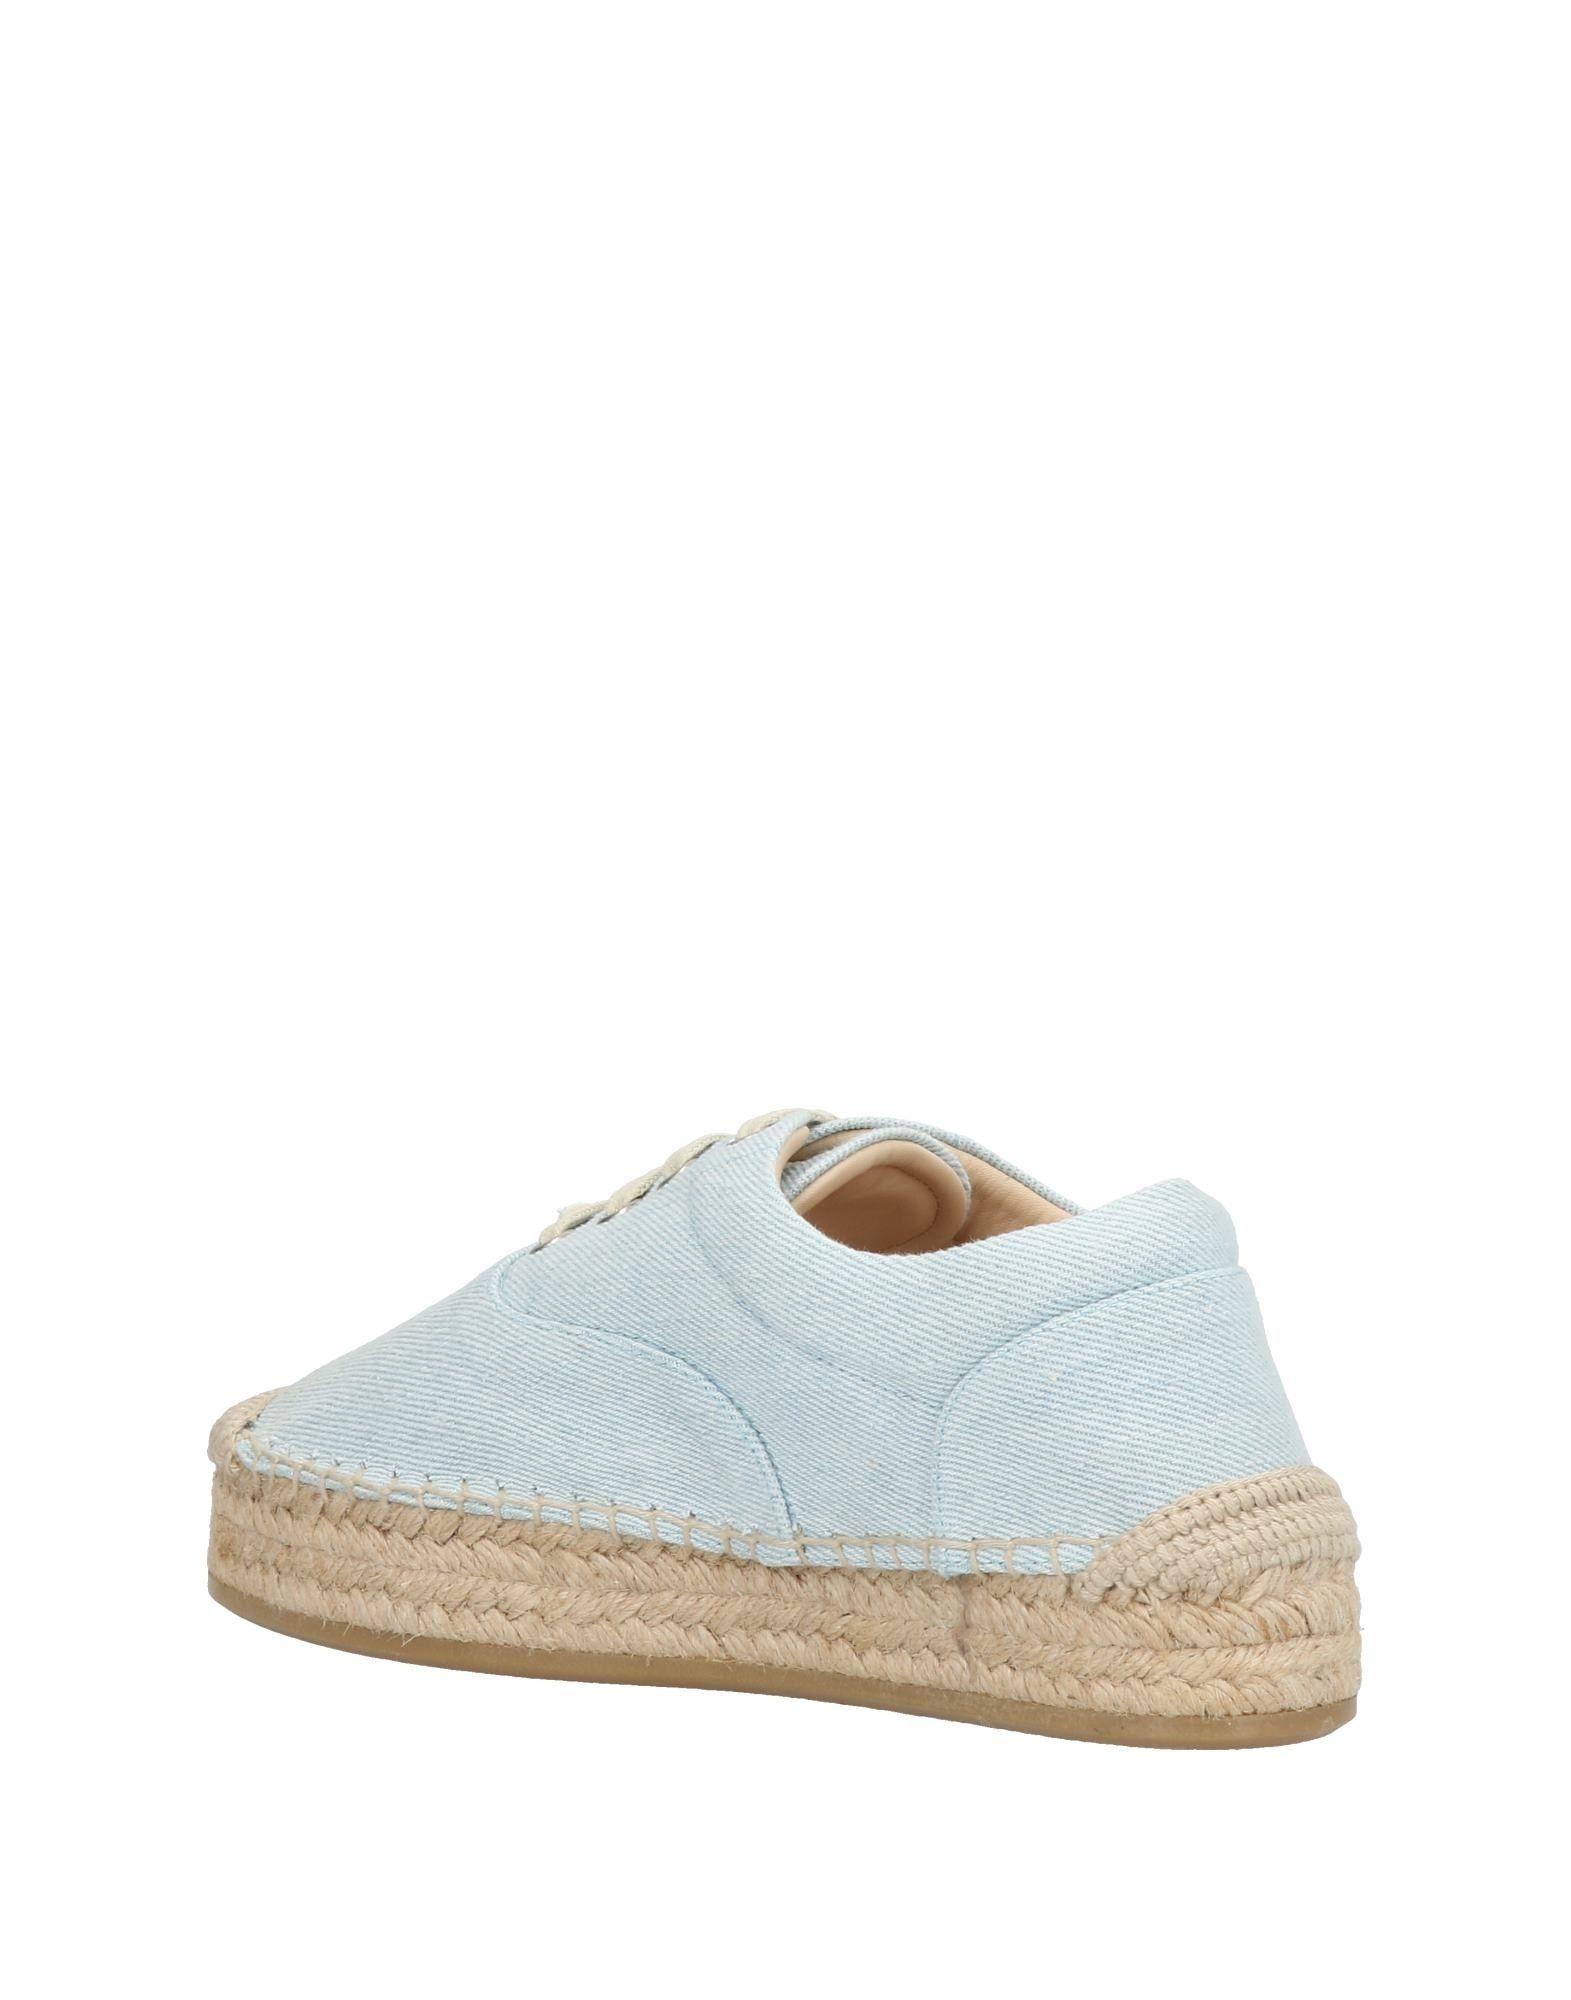 Chaussures À Lacets Mm6 Maison Margiela Femme - Chaussures À Lacets Mm6 Maison Margiela sur